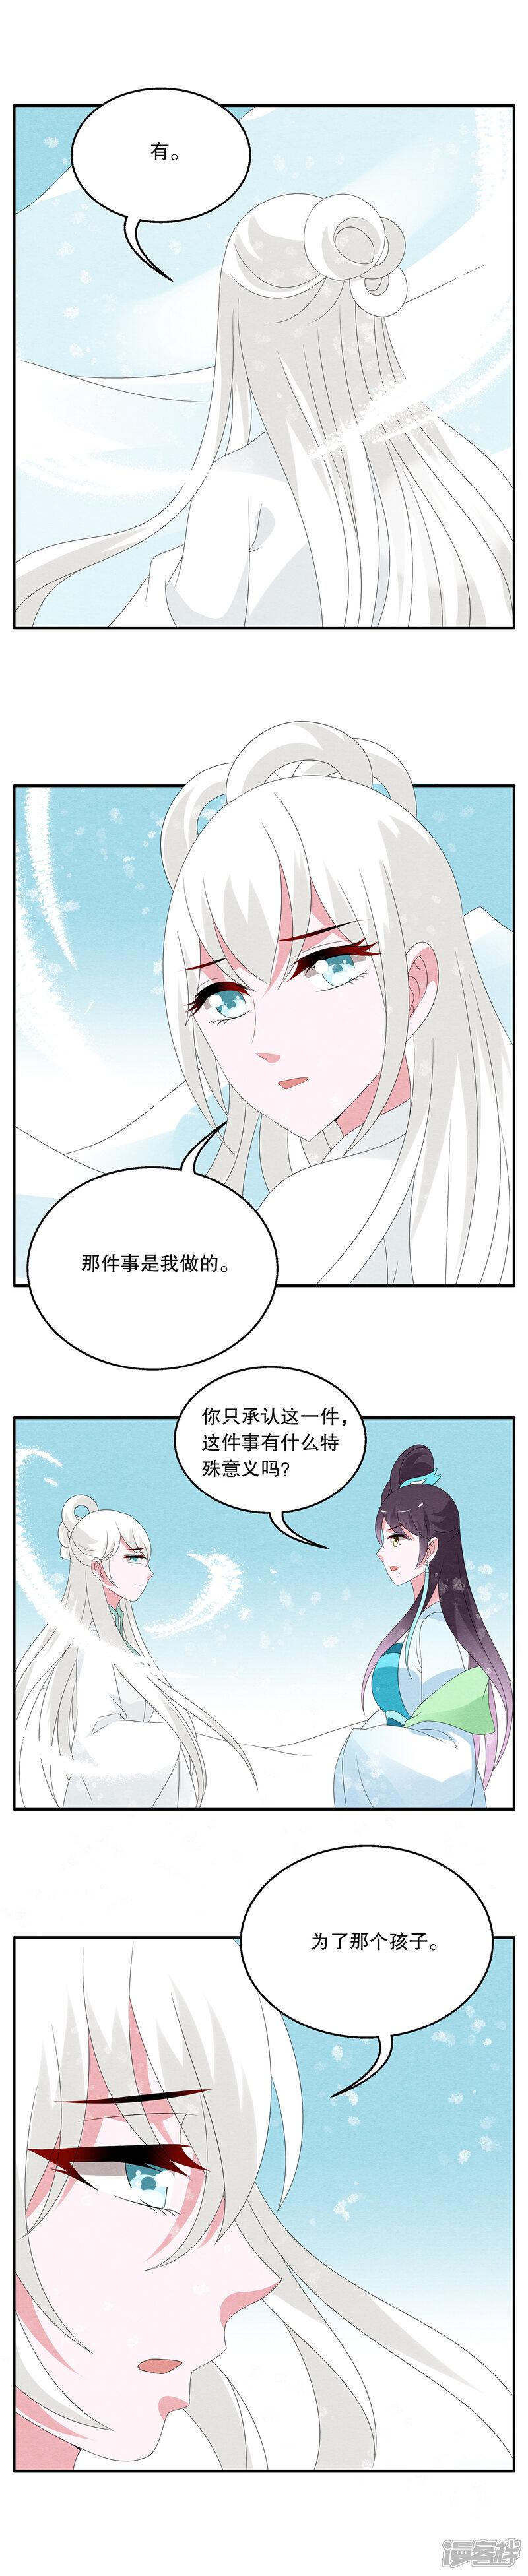 洛小妖90910012.JPG